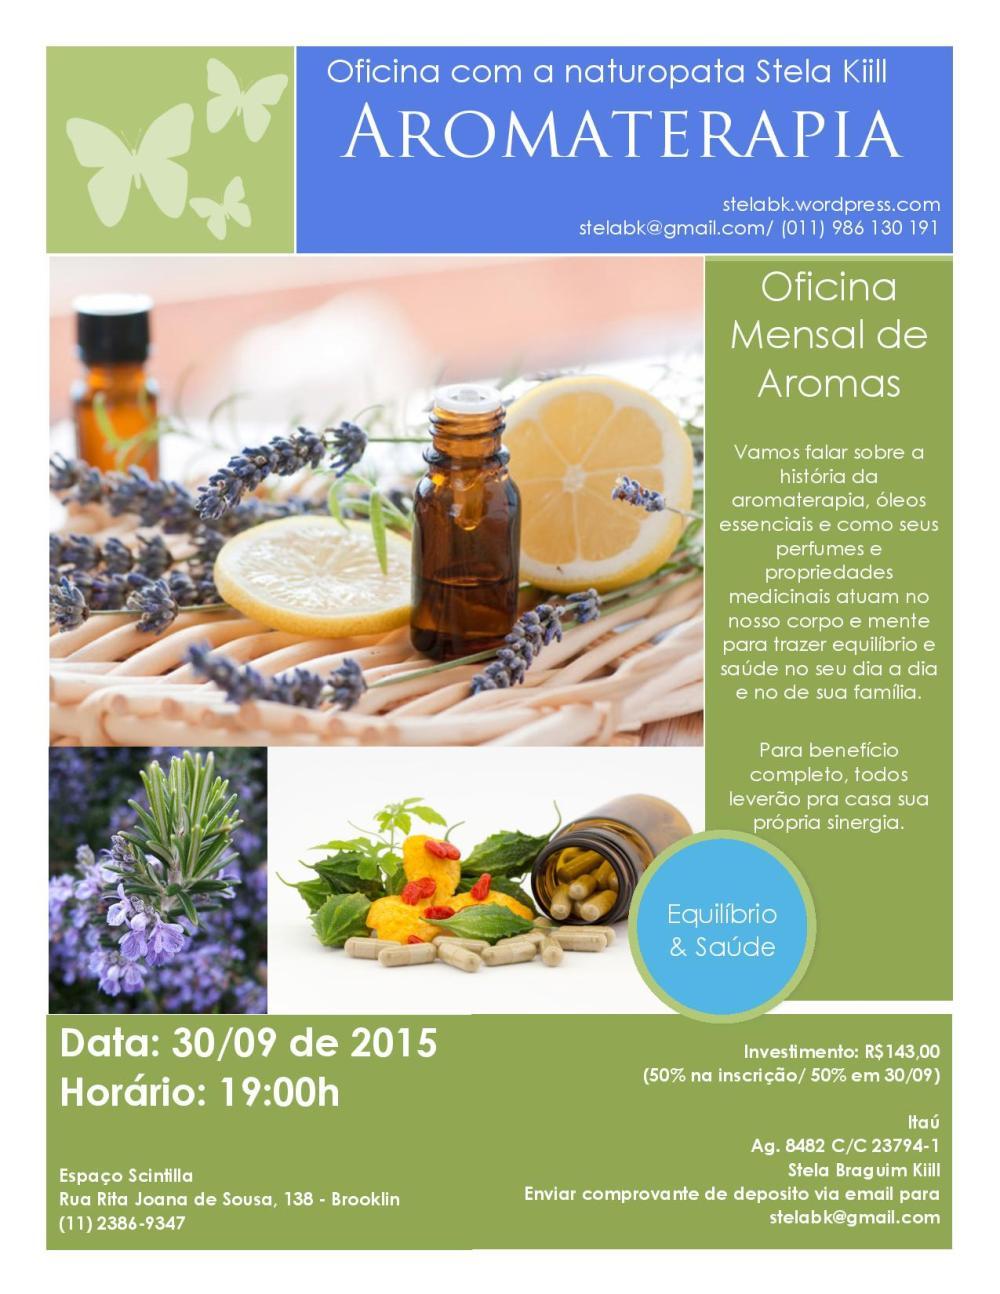 Convite Oficina Aromaterapia Stela Kiill